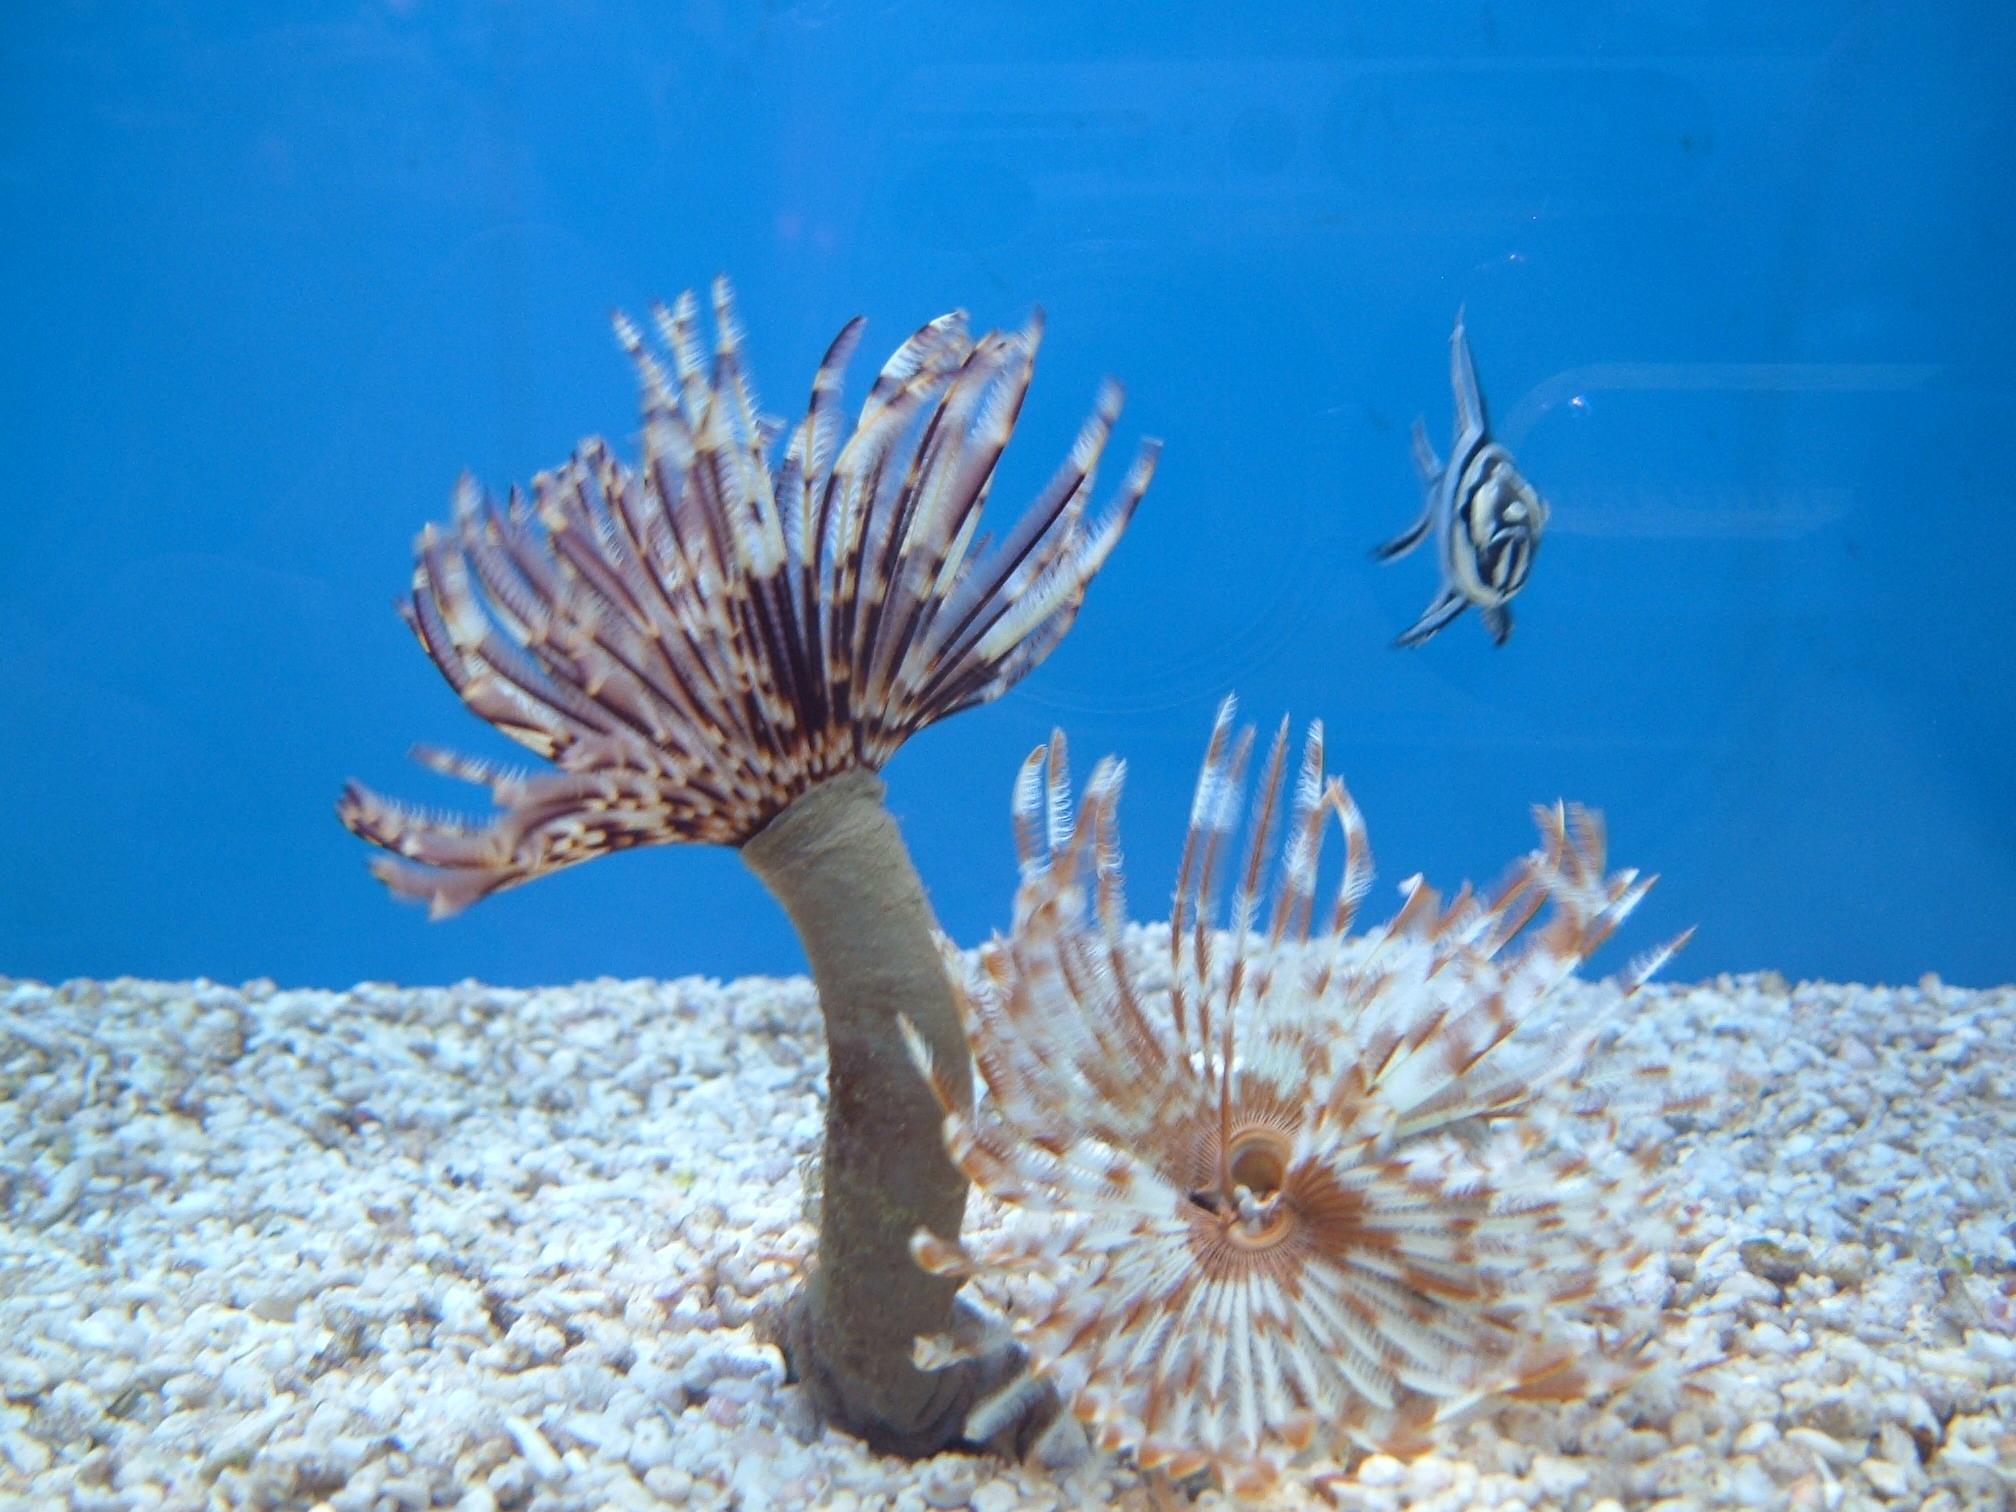 parazita gyógyszer halak számára mérgező megbízható gyógyszer a paraziták ár